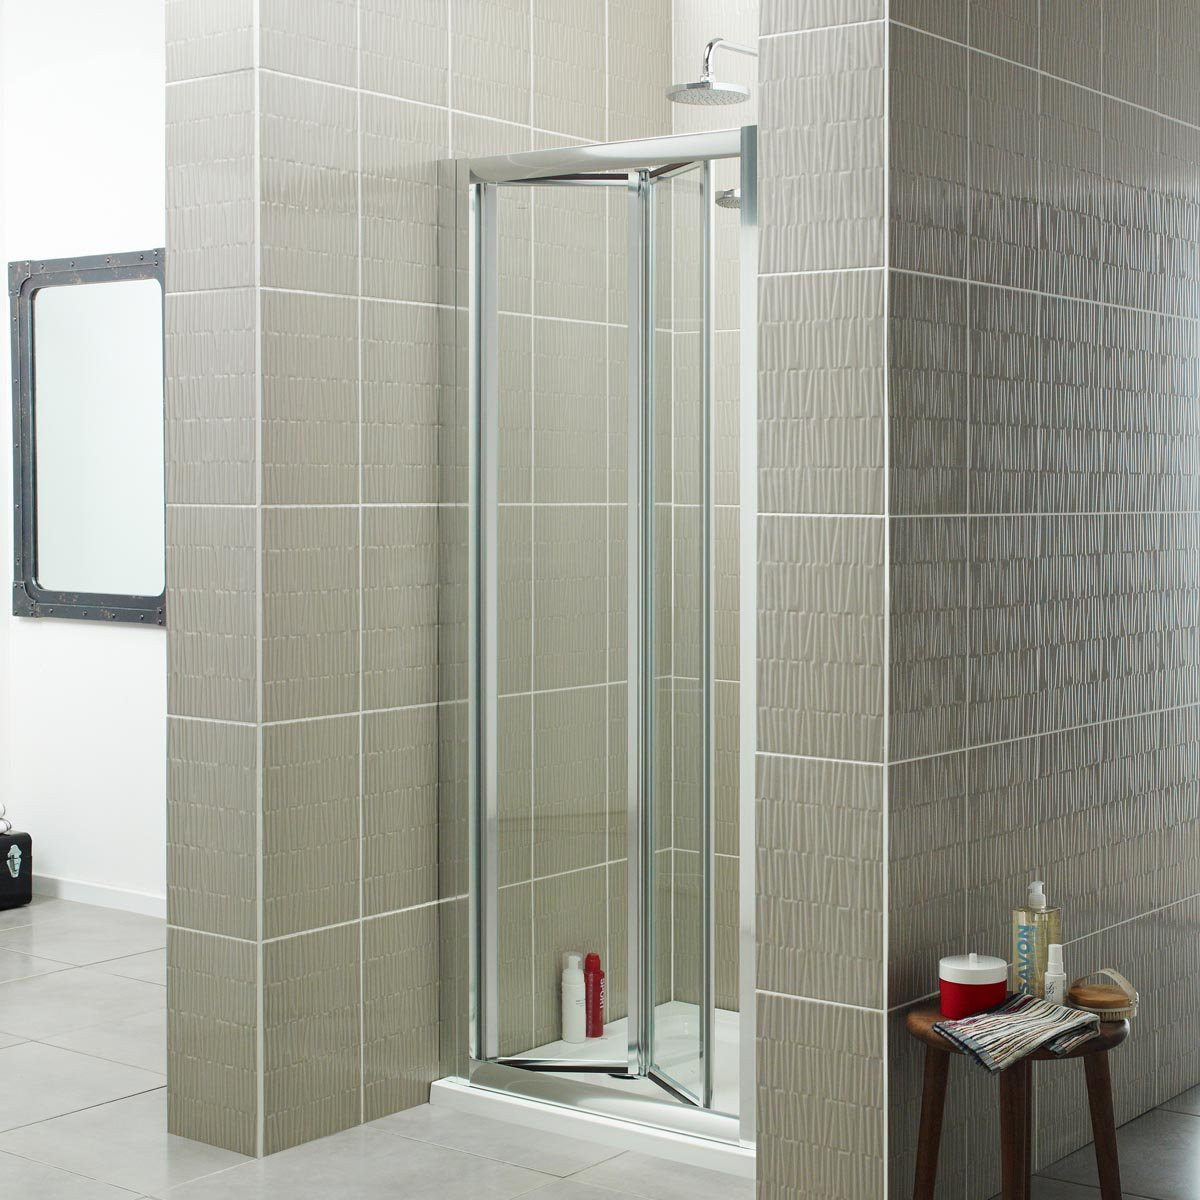 Accordion Door For Bathroom: Kartell Koncept Bi-Fold Shower Door 800mm